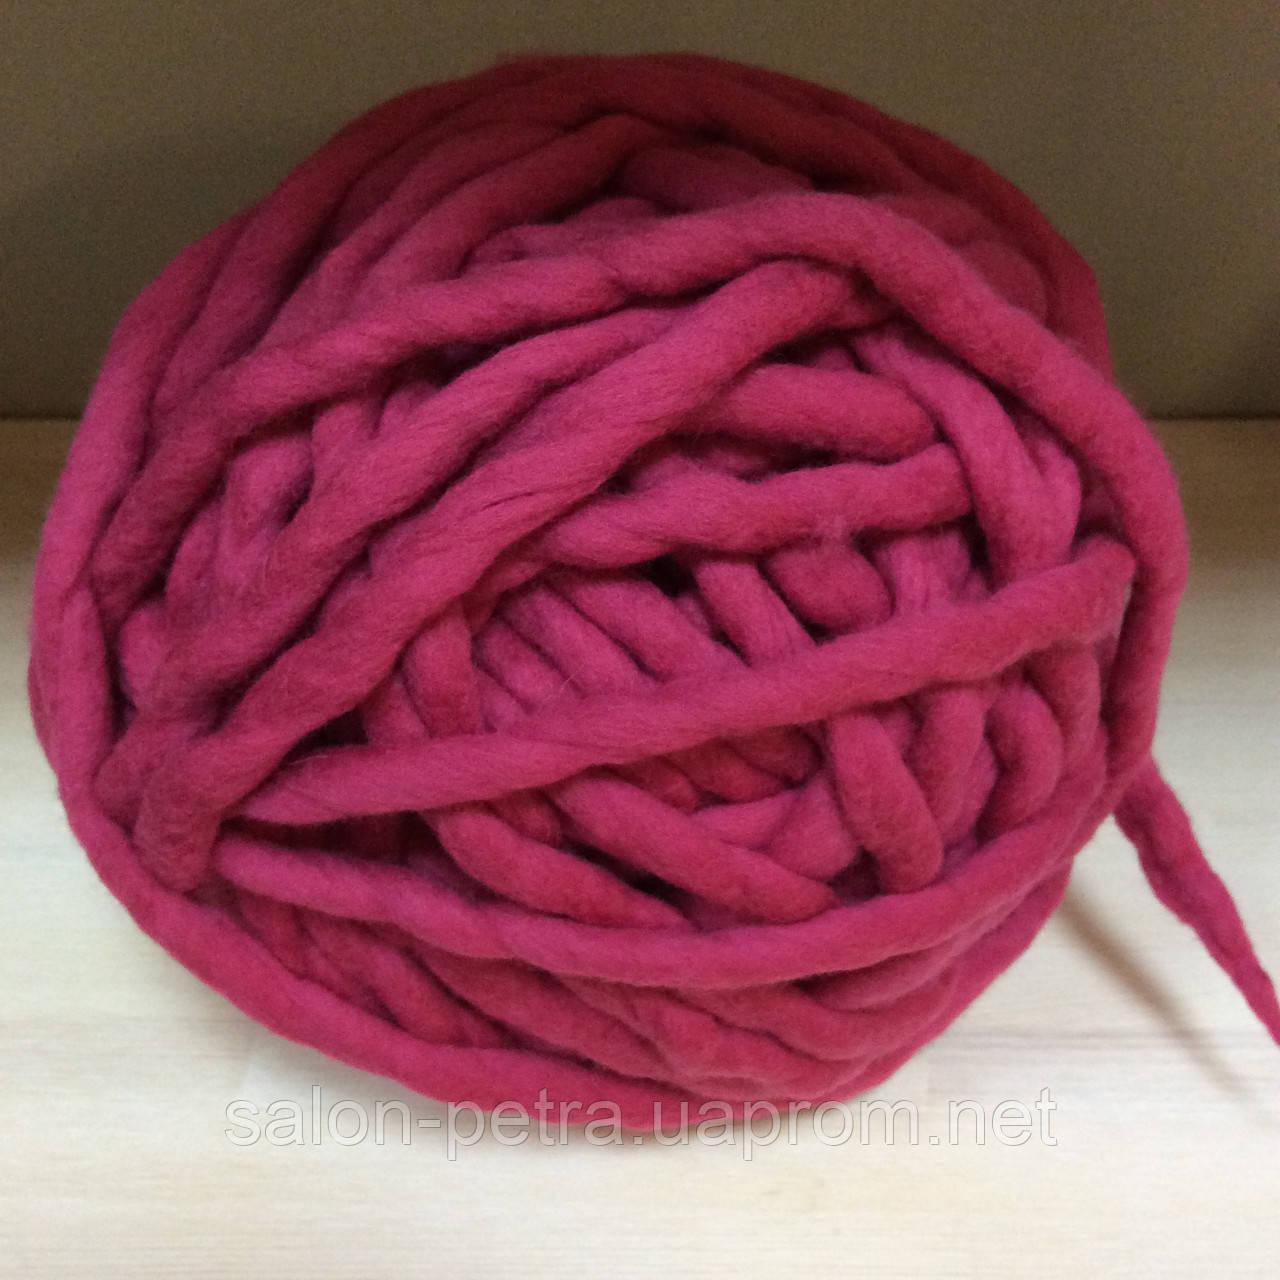 Объемная пряжа для ручного вязания екатеринбург